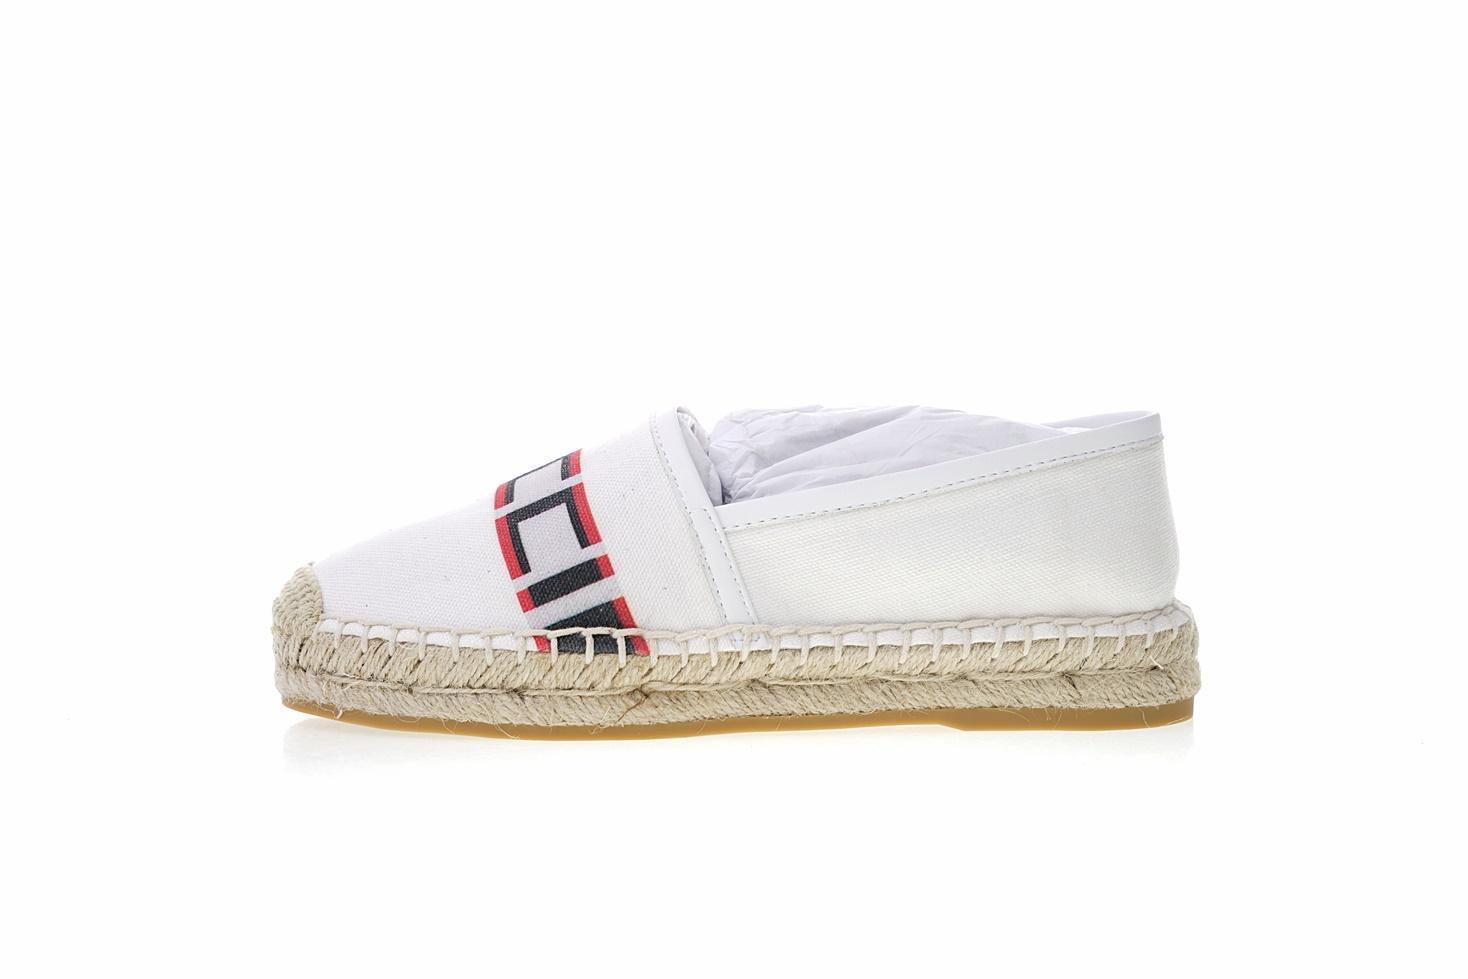 2019 Shoes Ace Zapatos Pescador Caja Luxurys Women De Deporte Casual Diseñador Best Calzado Compre Con Bee Zapatillas Bordadas La Hot dhtQrs